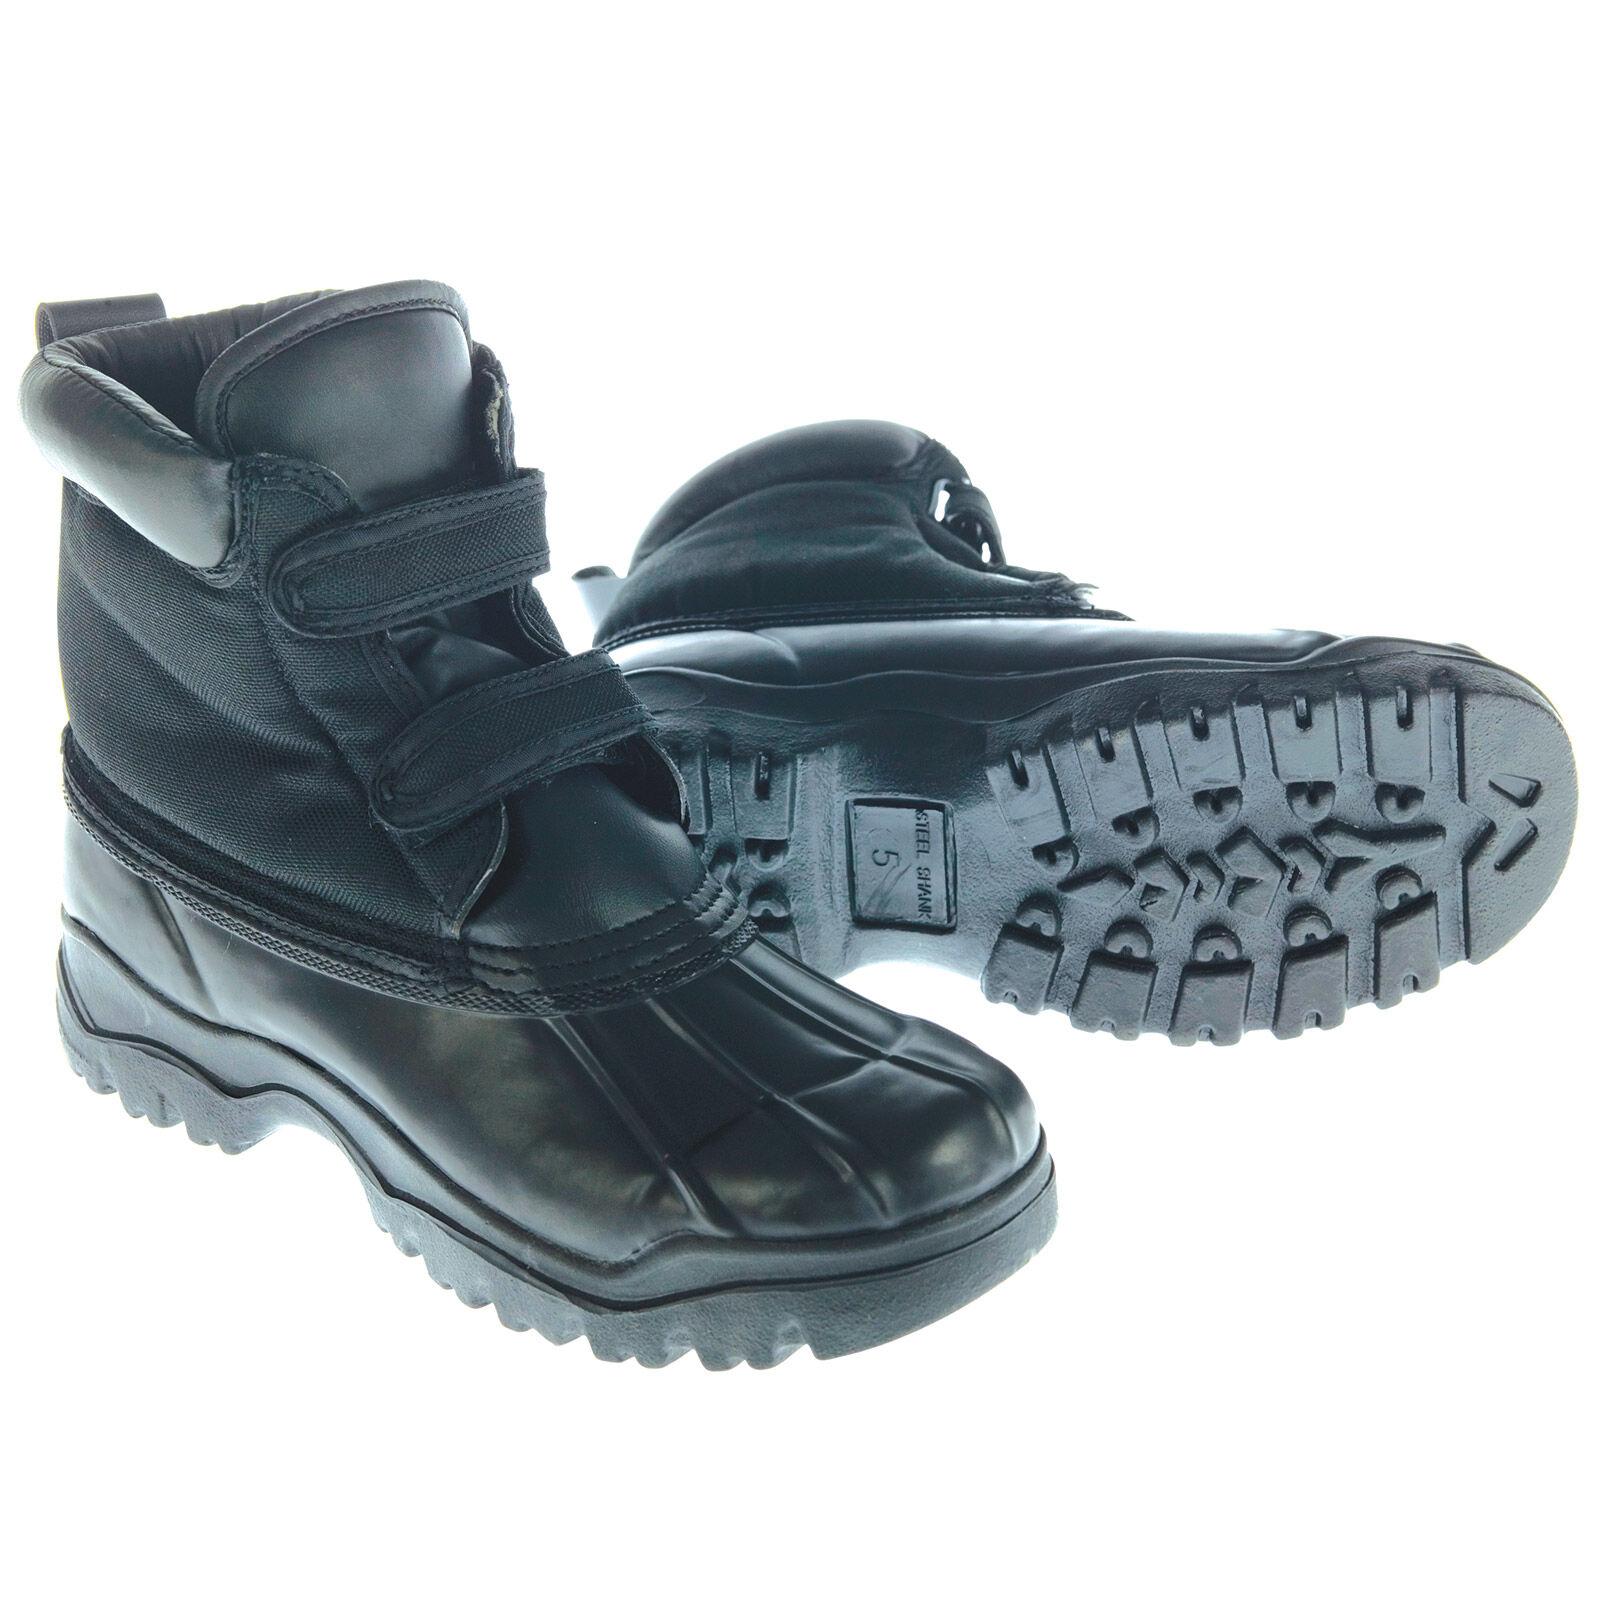 Covalliero Chaussures Noires Pour L'hiver Avec Des Hommes De Fermeture Velcro 5Yz1q